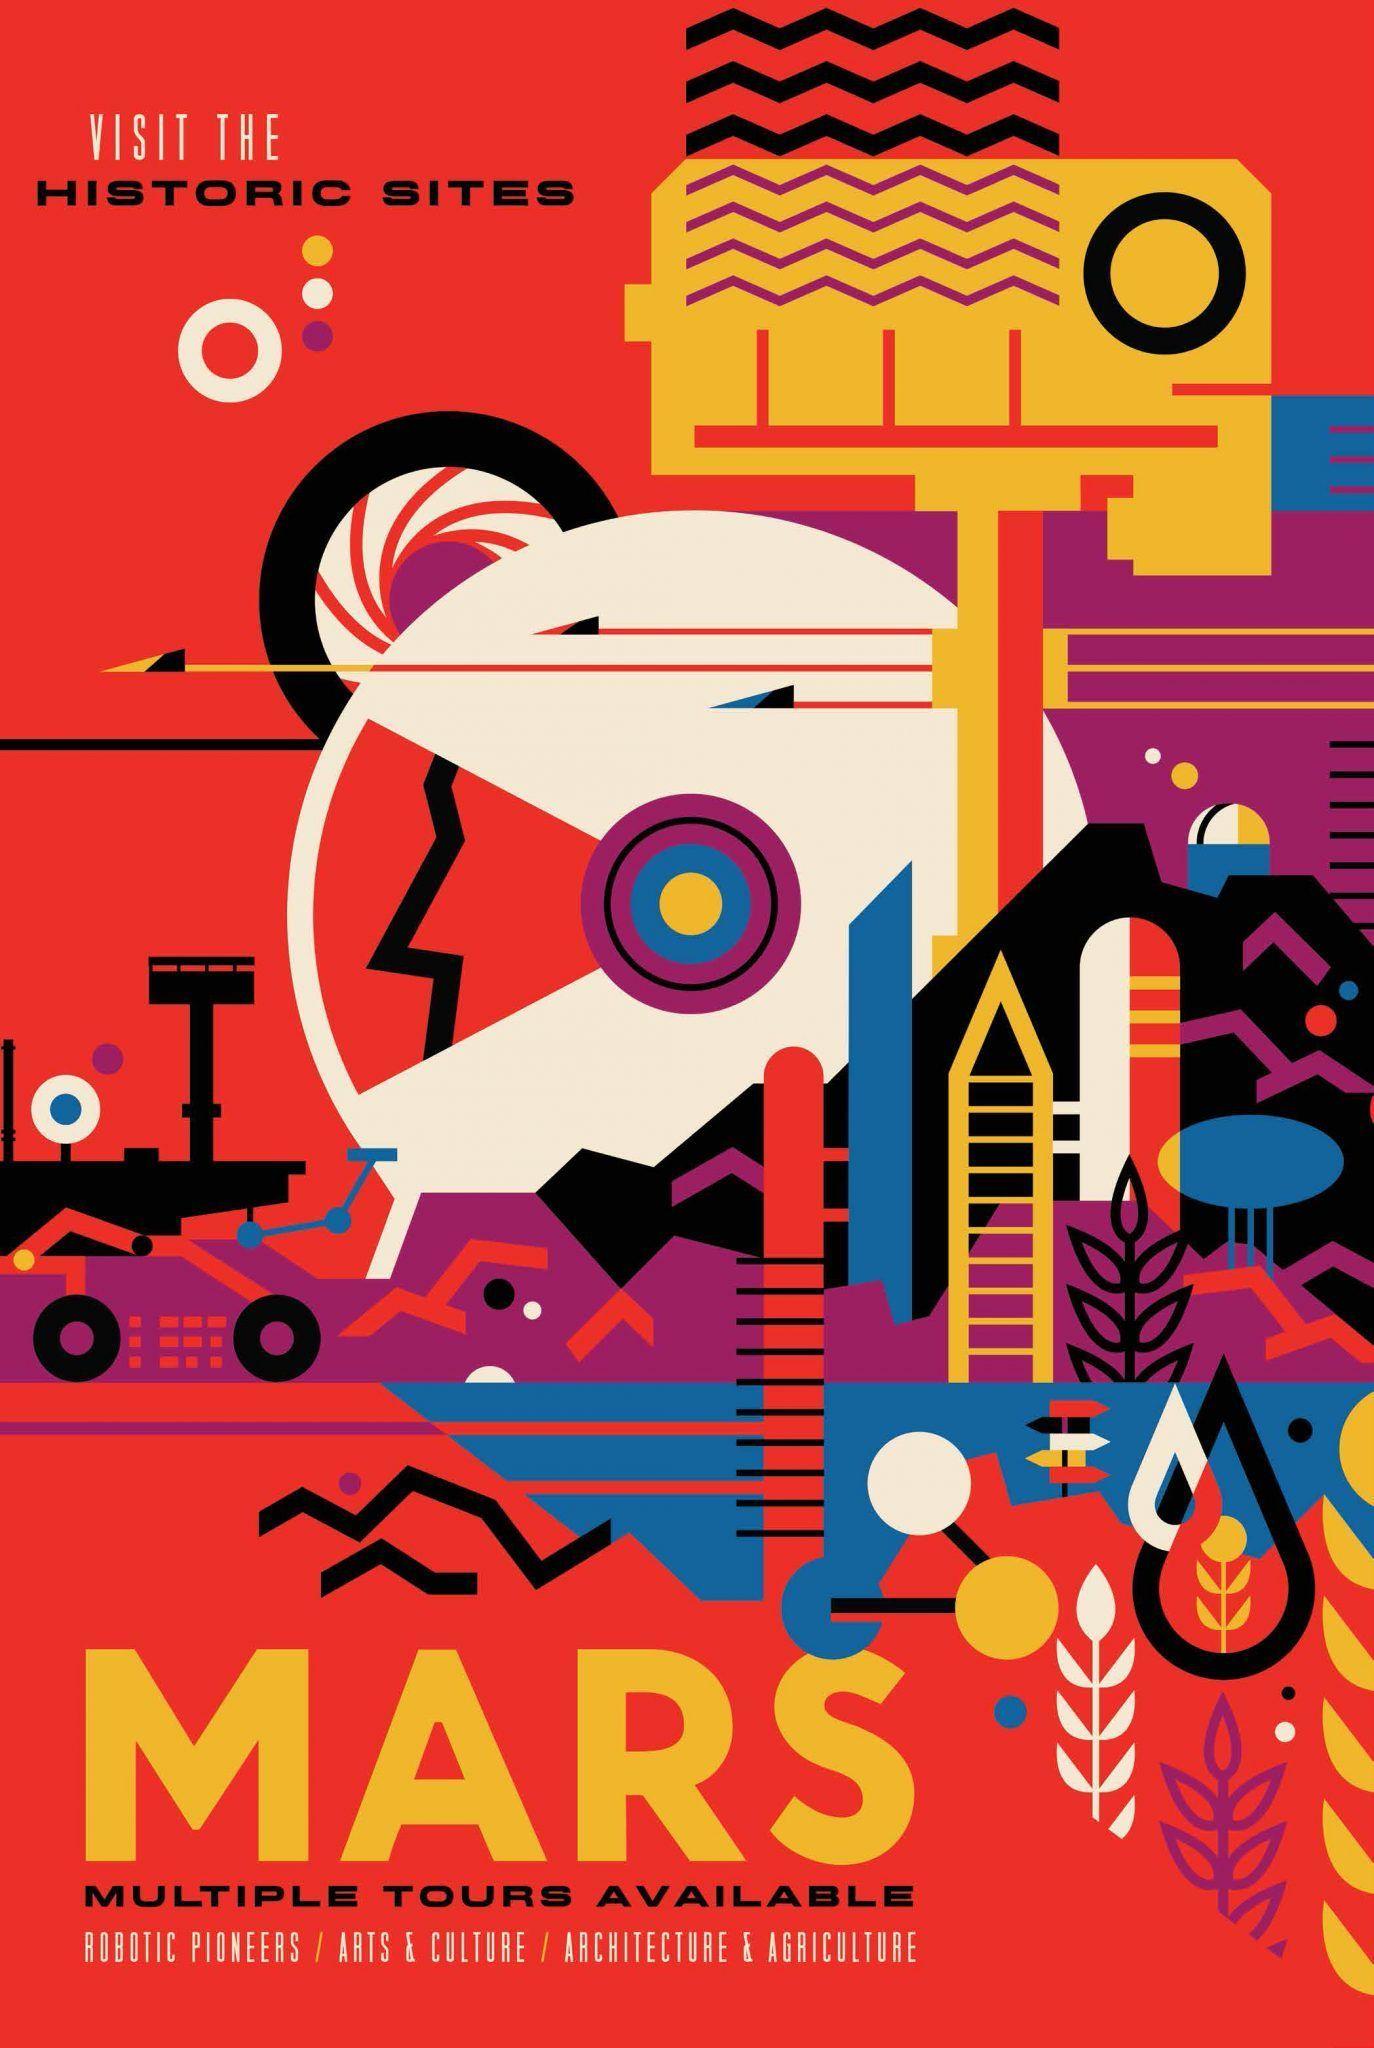 mars poster by NASA